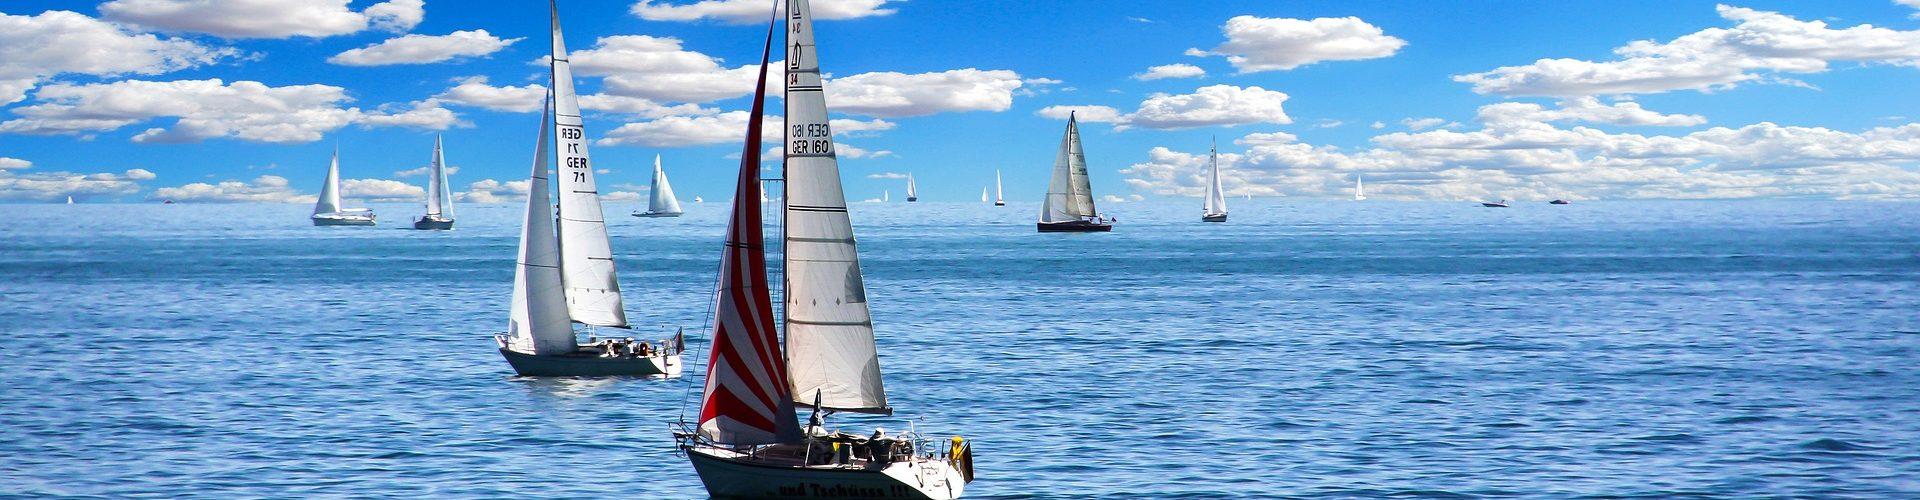 segeln lernen in Varel segelschein machen in Varel 1920x500 - Segeln lernen in Varel